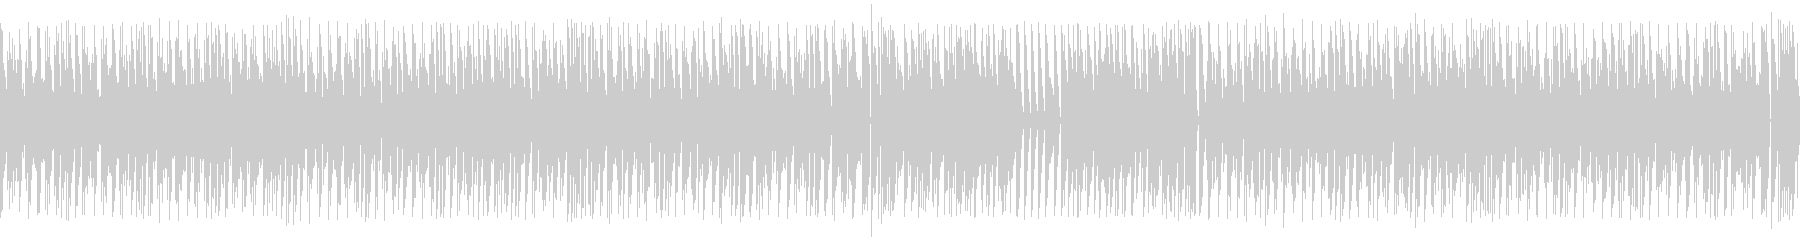 BGM010-05 チップチューン ル…の未再生の波形